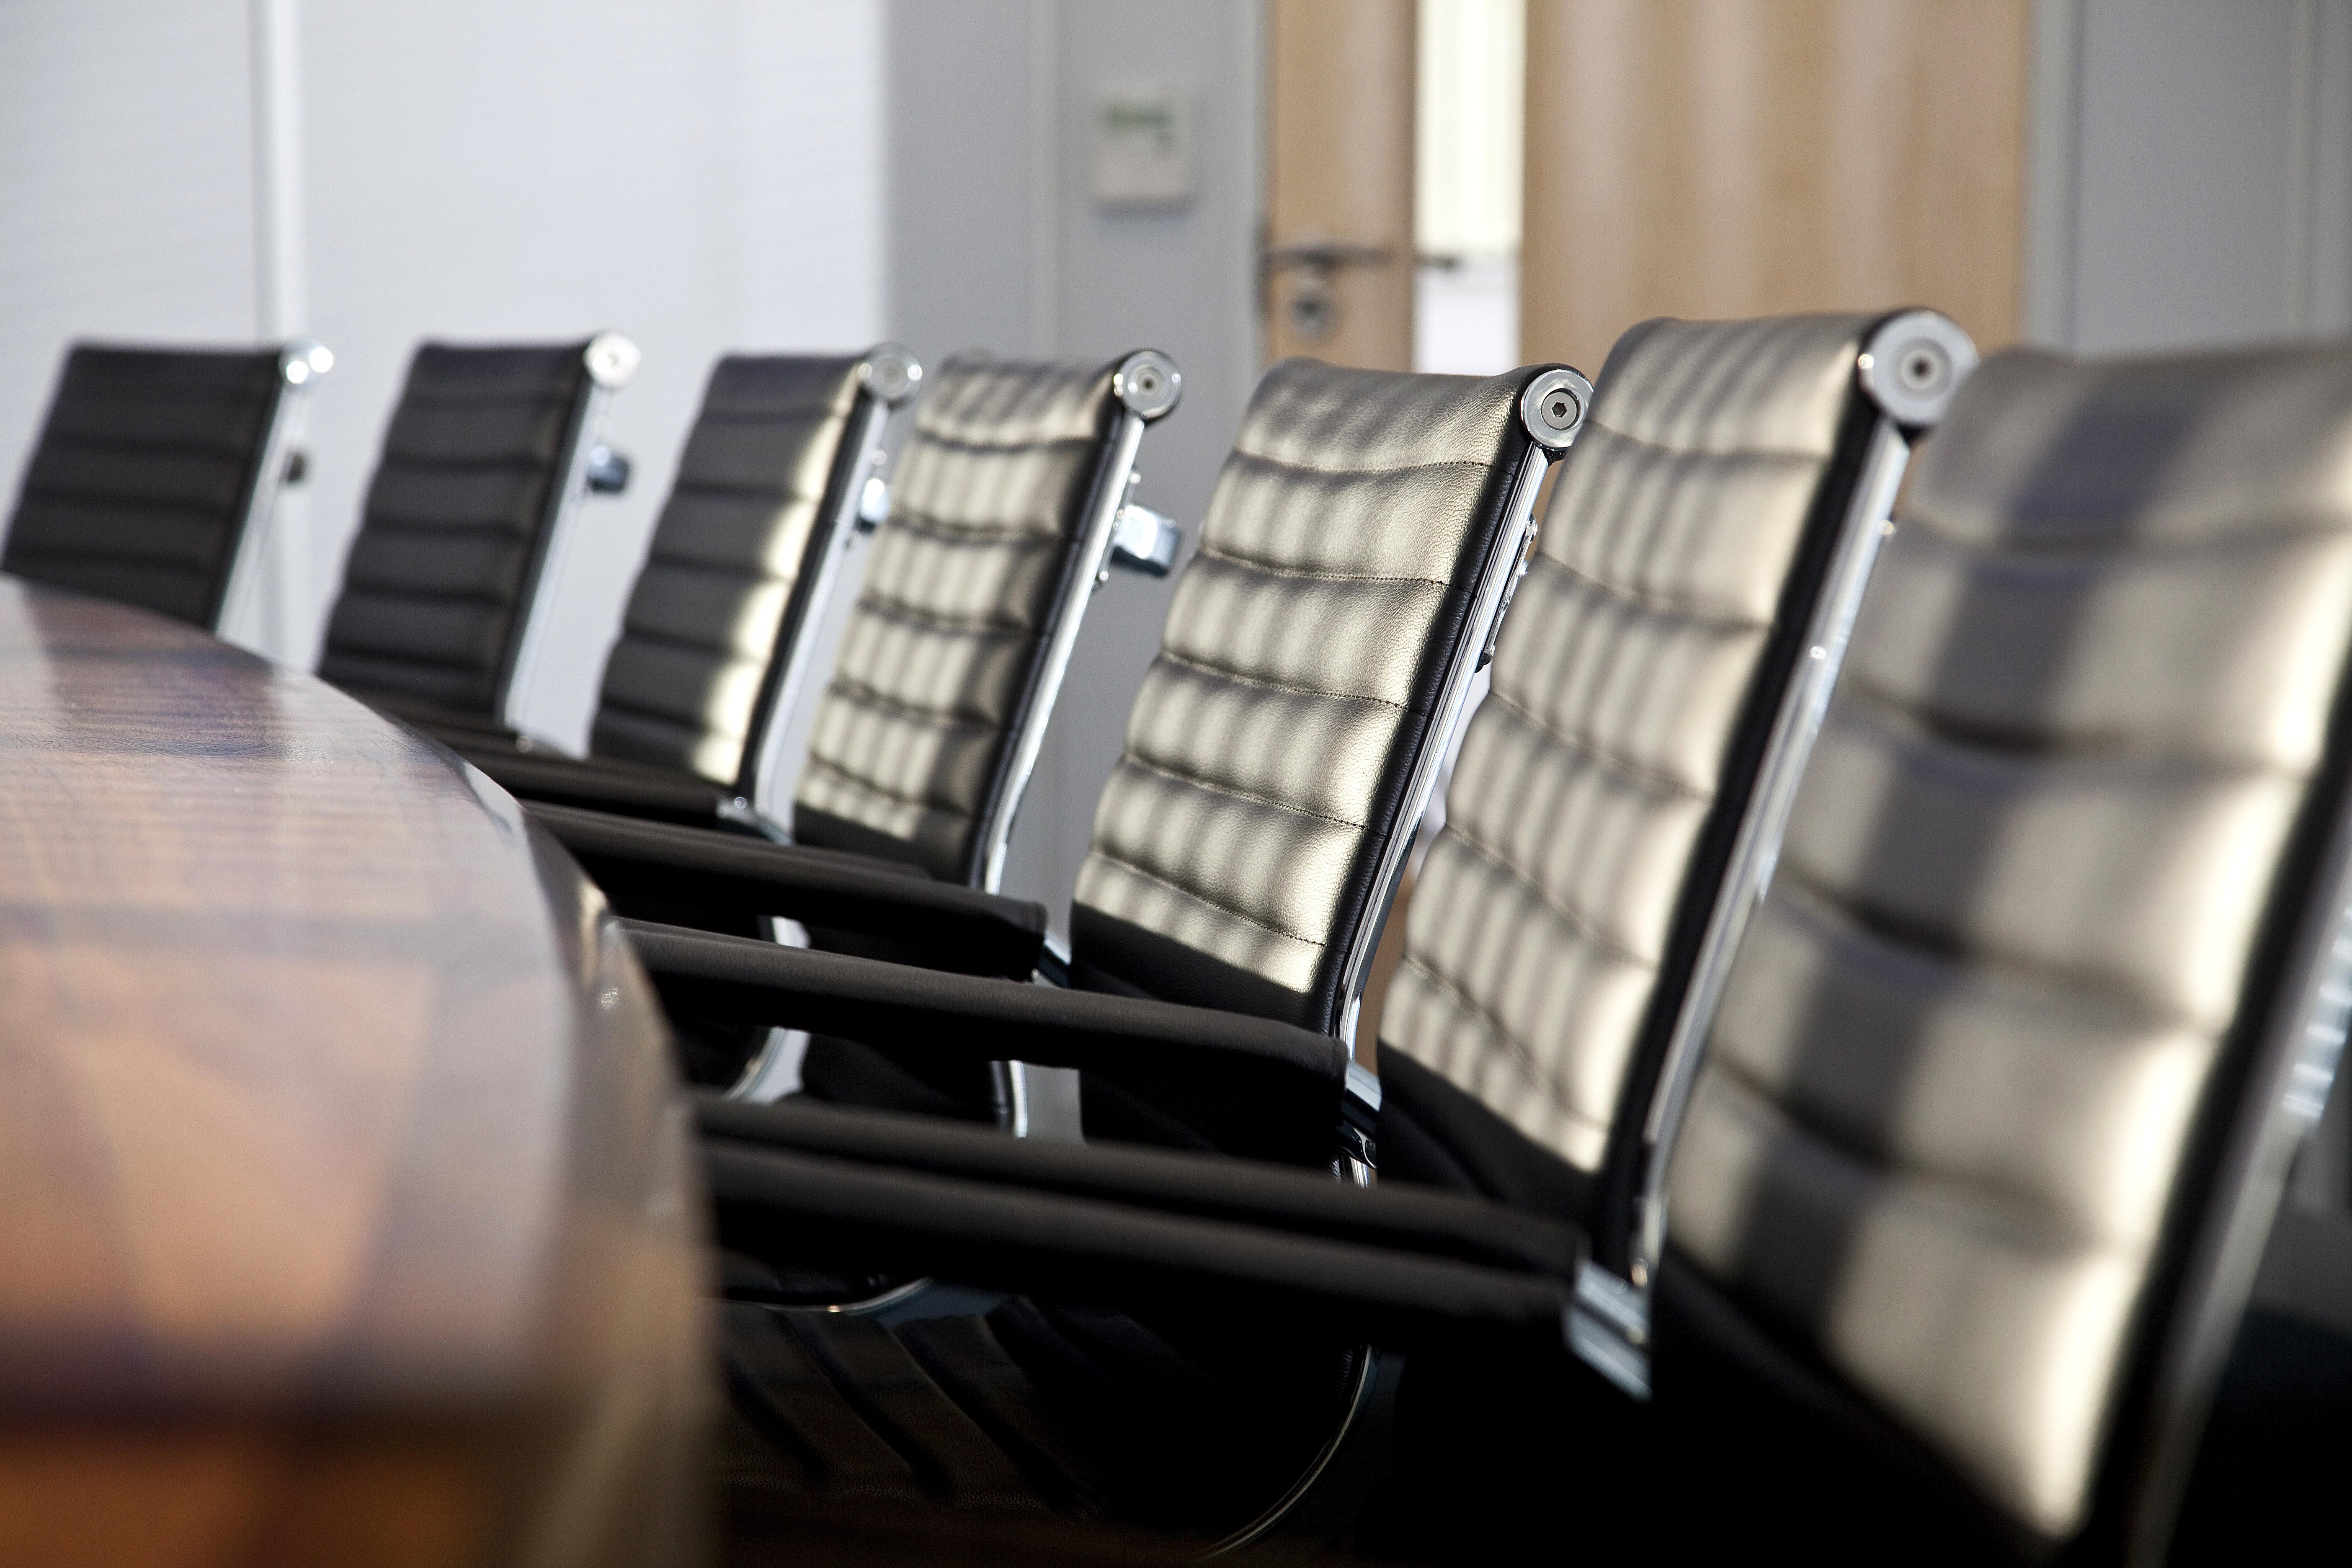 Corporate office interior design interior office design for Office design regulations uk